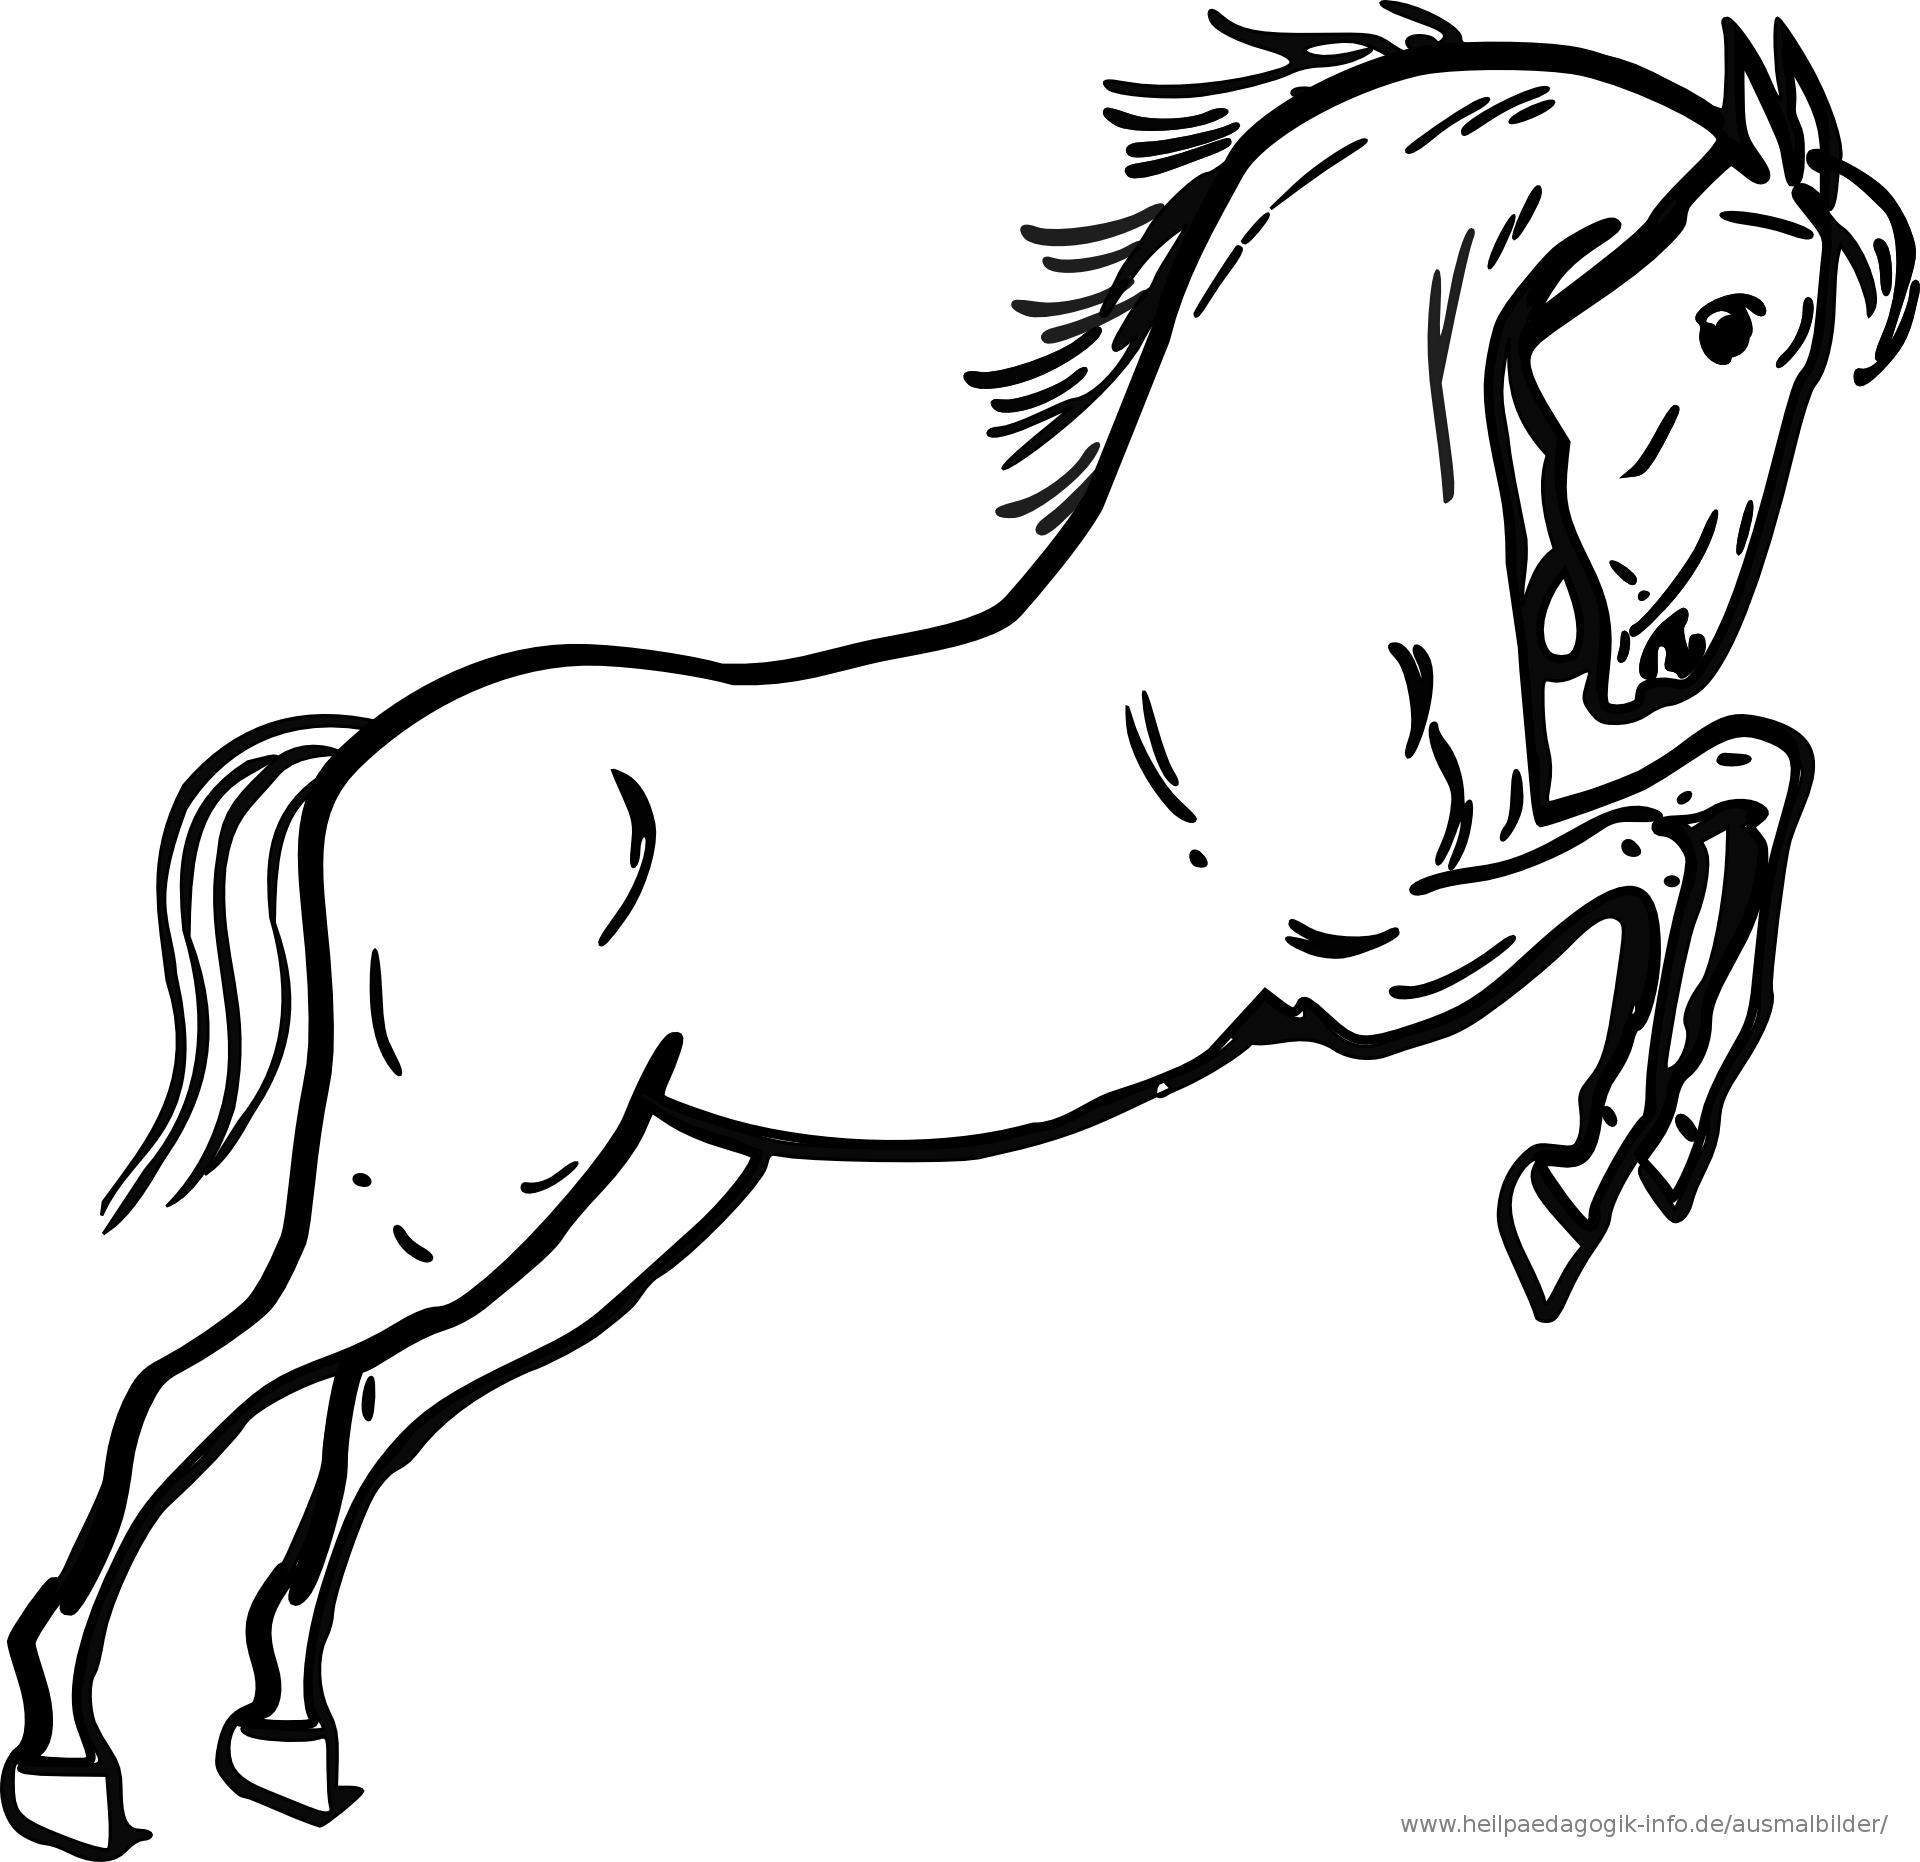 Ausmalbilder Hund Und Pferd : Ausmalbilder Pferde Din A4 Mal Und Bastelideen Pinterest